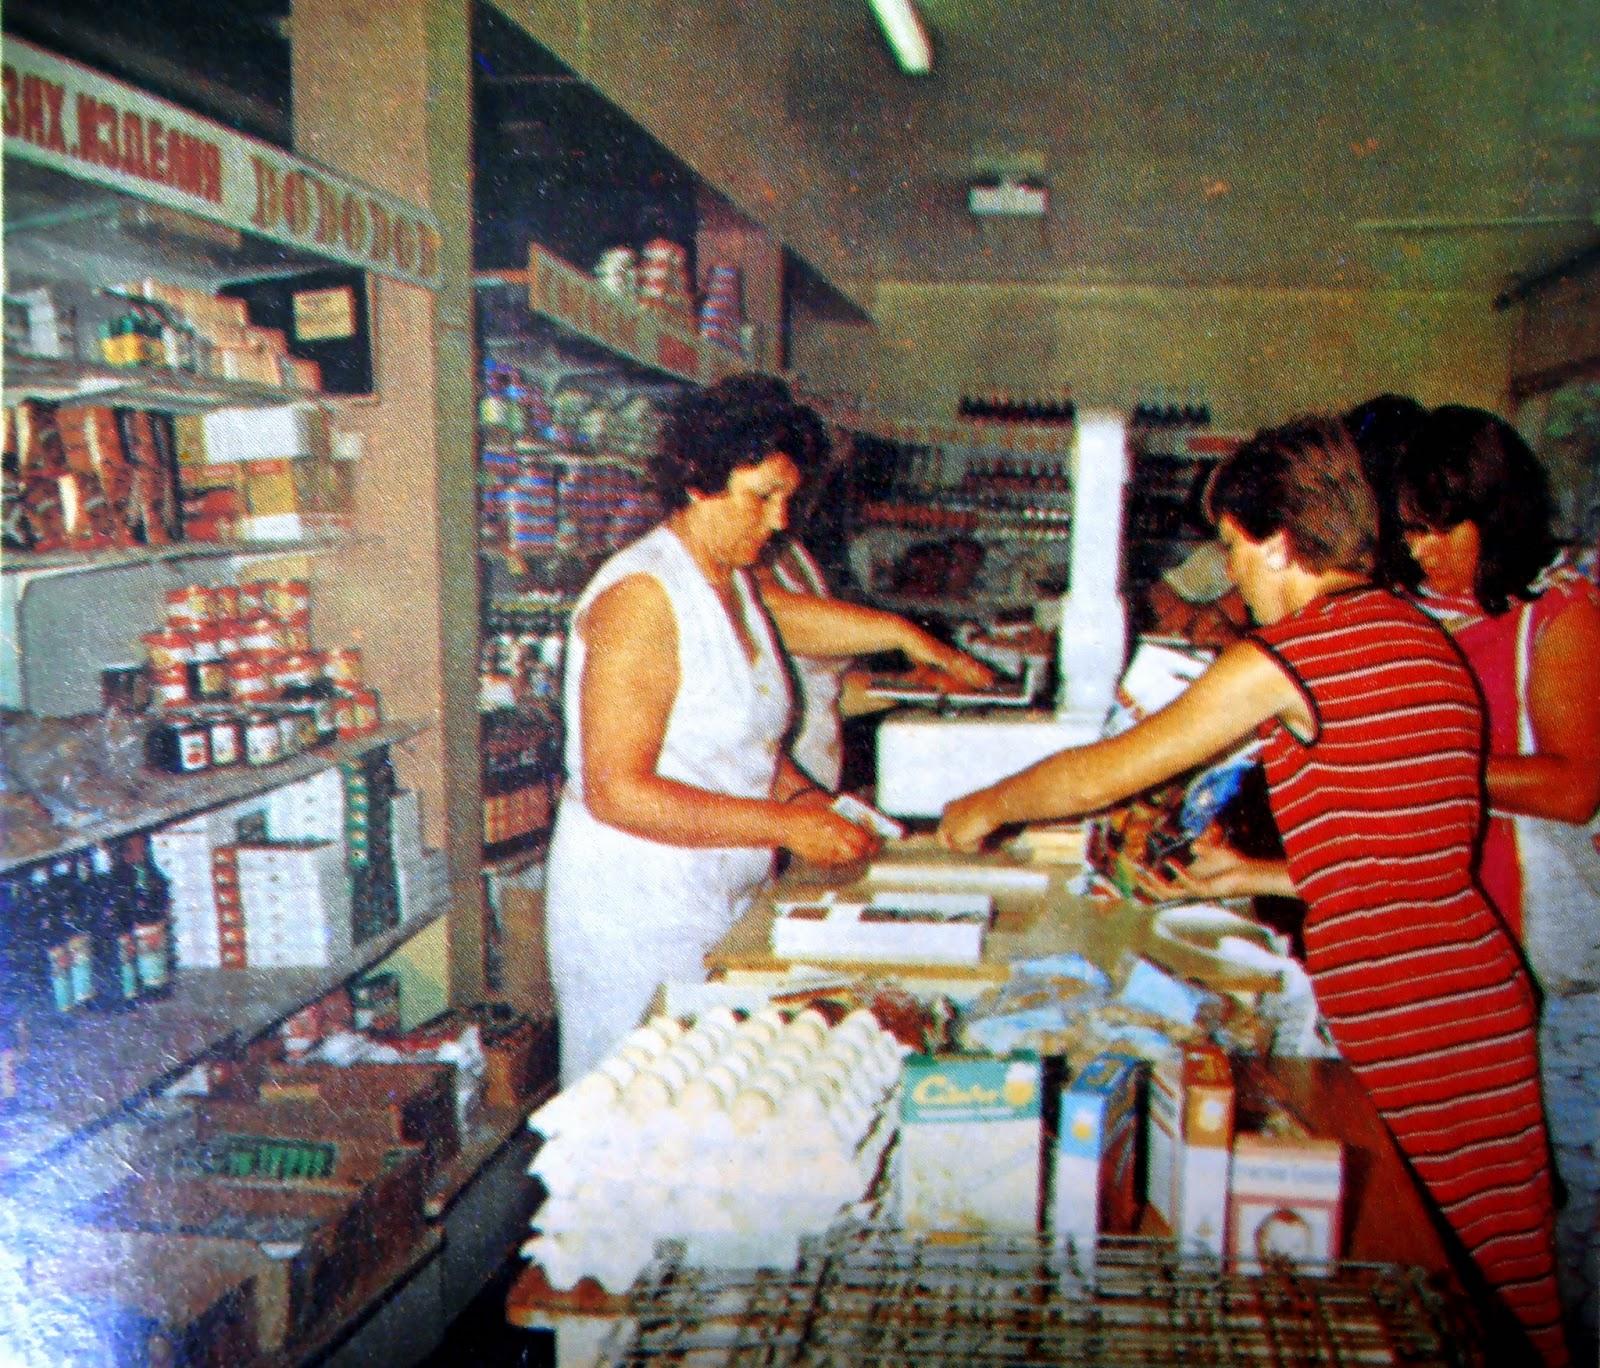 Магазин за хранителни стоки в Несебър, 80-те